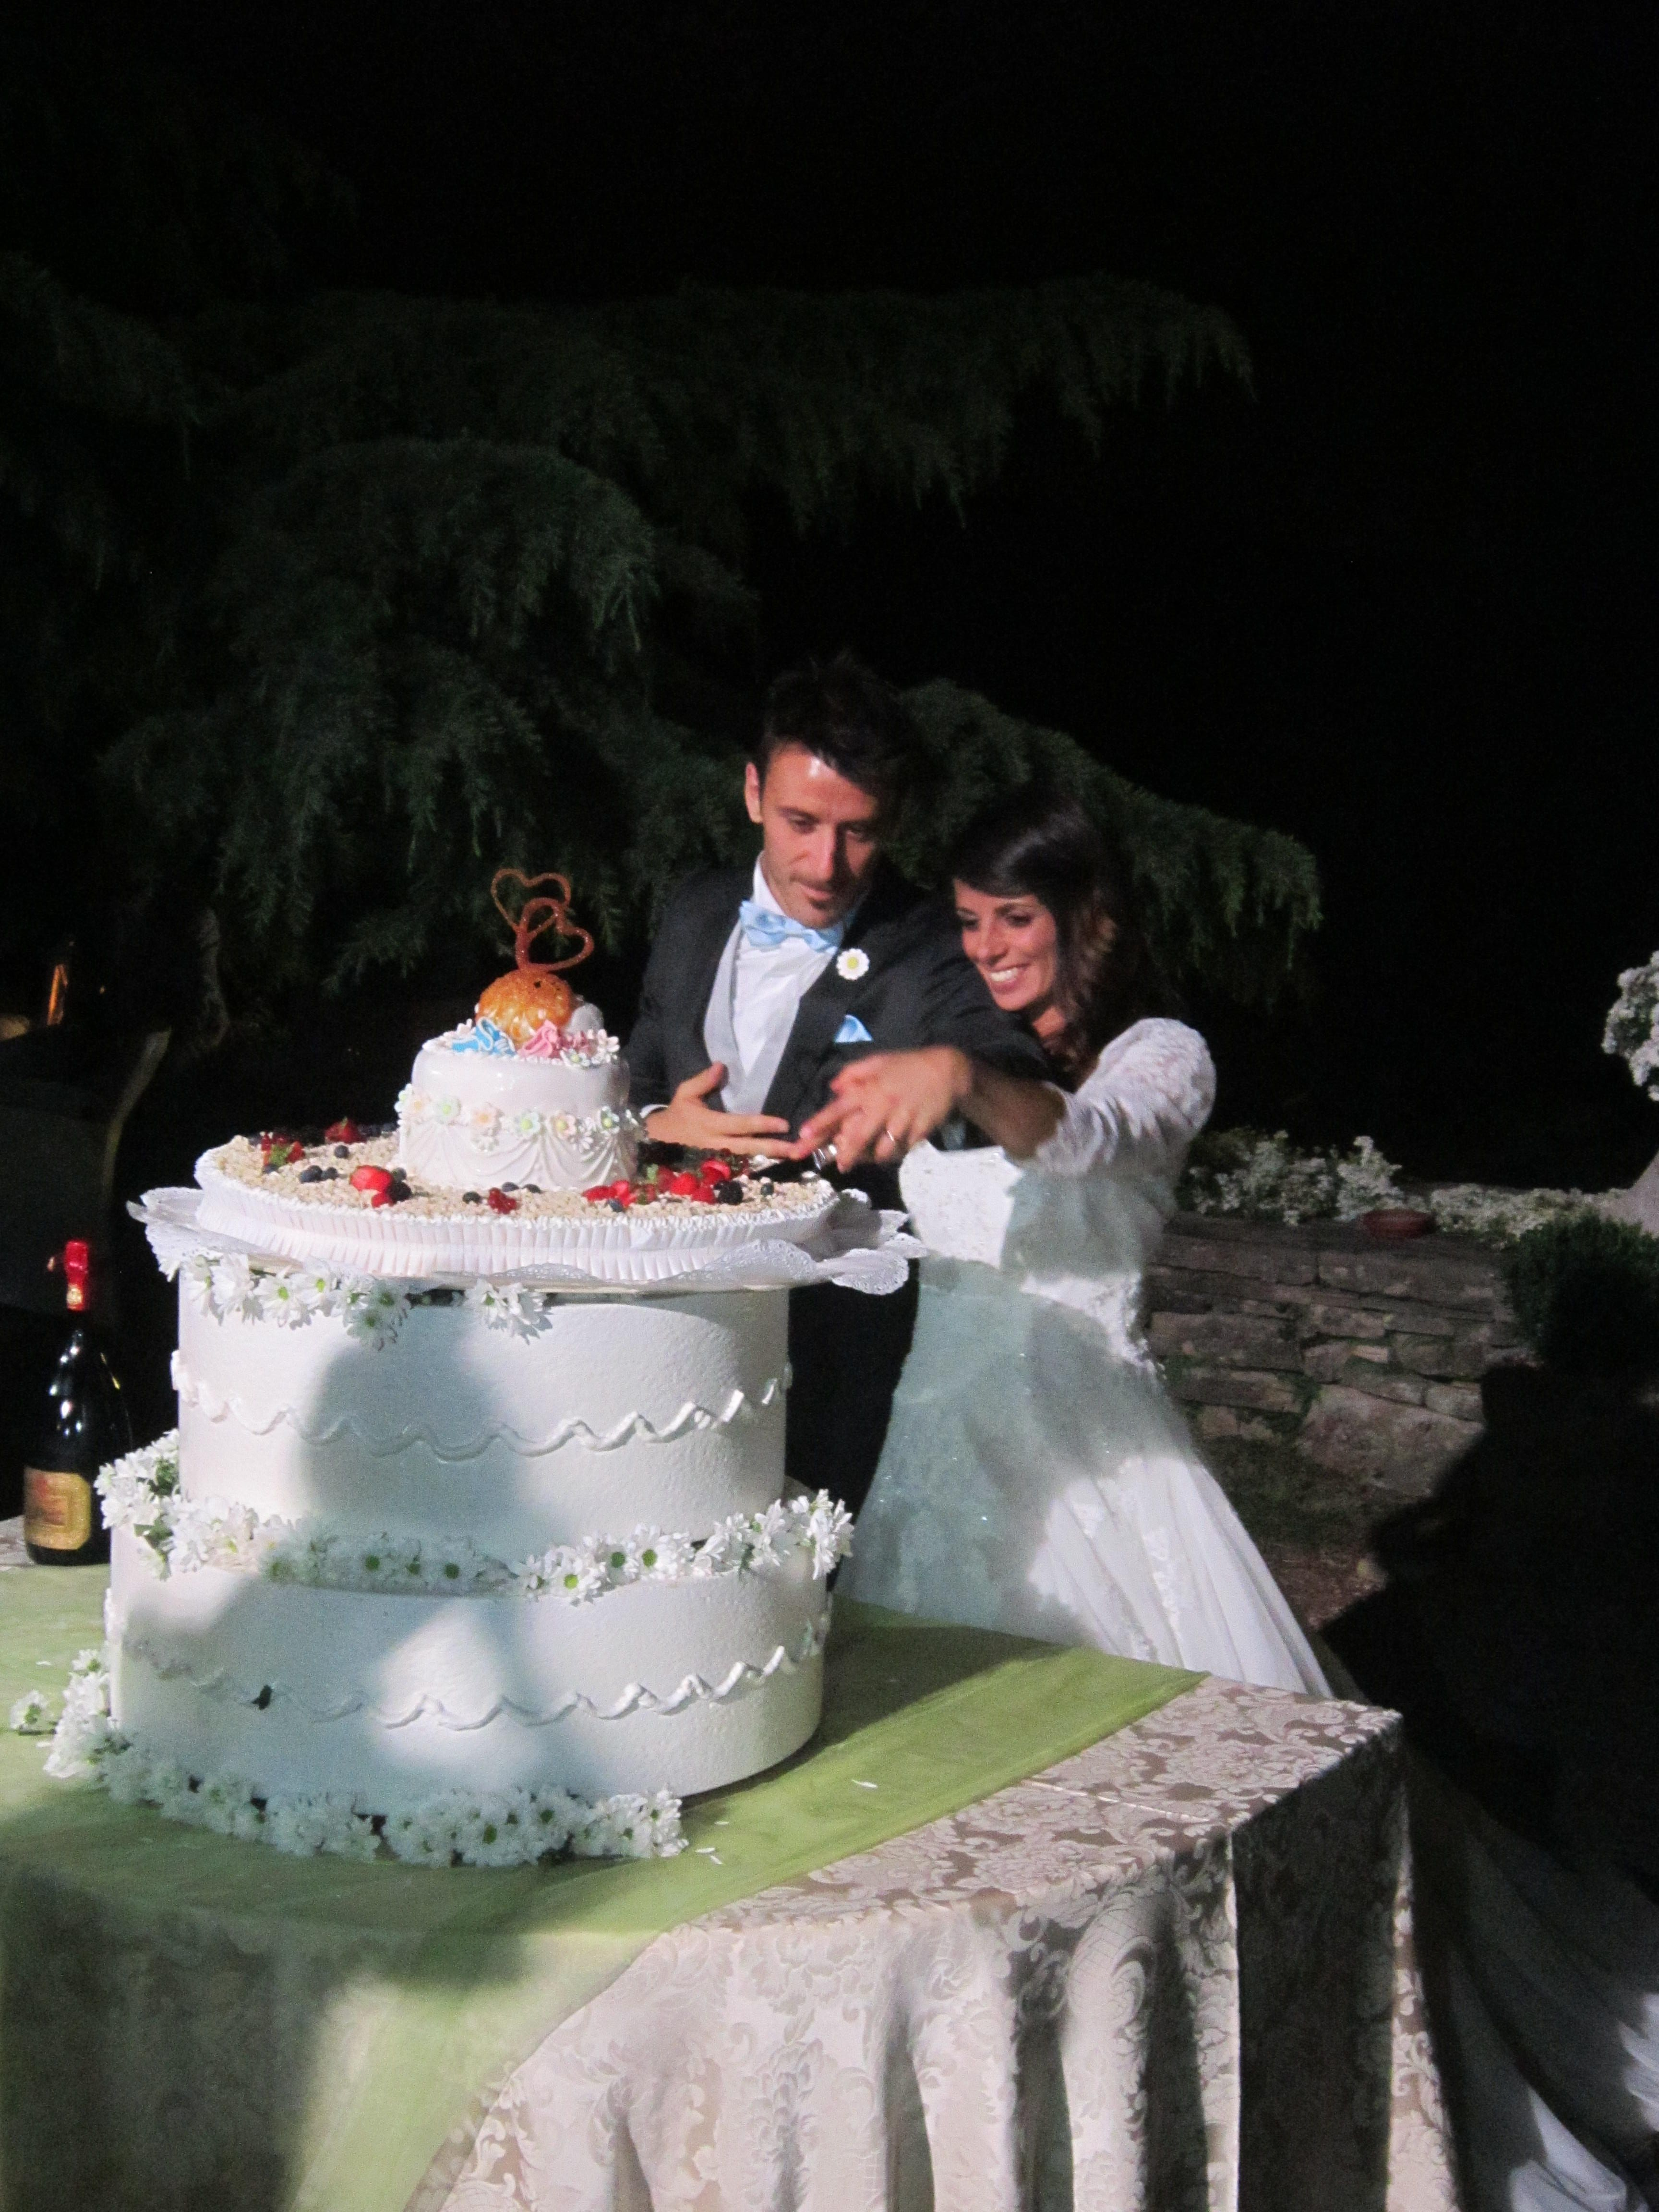 Romantico taglio della torta #wedding #bellini #atalanta #matrimoniotuttiicolori @CastleOfAngels www.castellodegliangeli.com